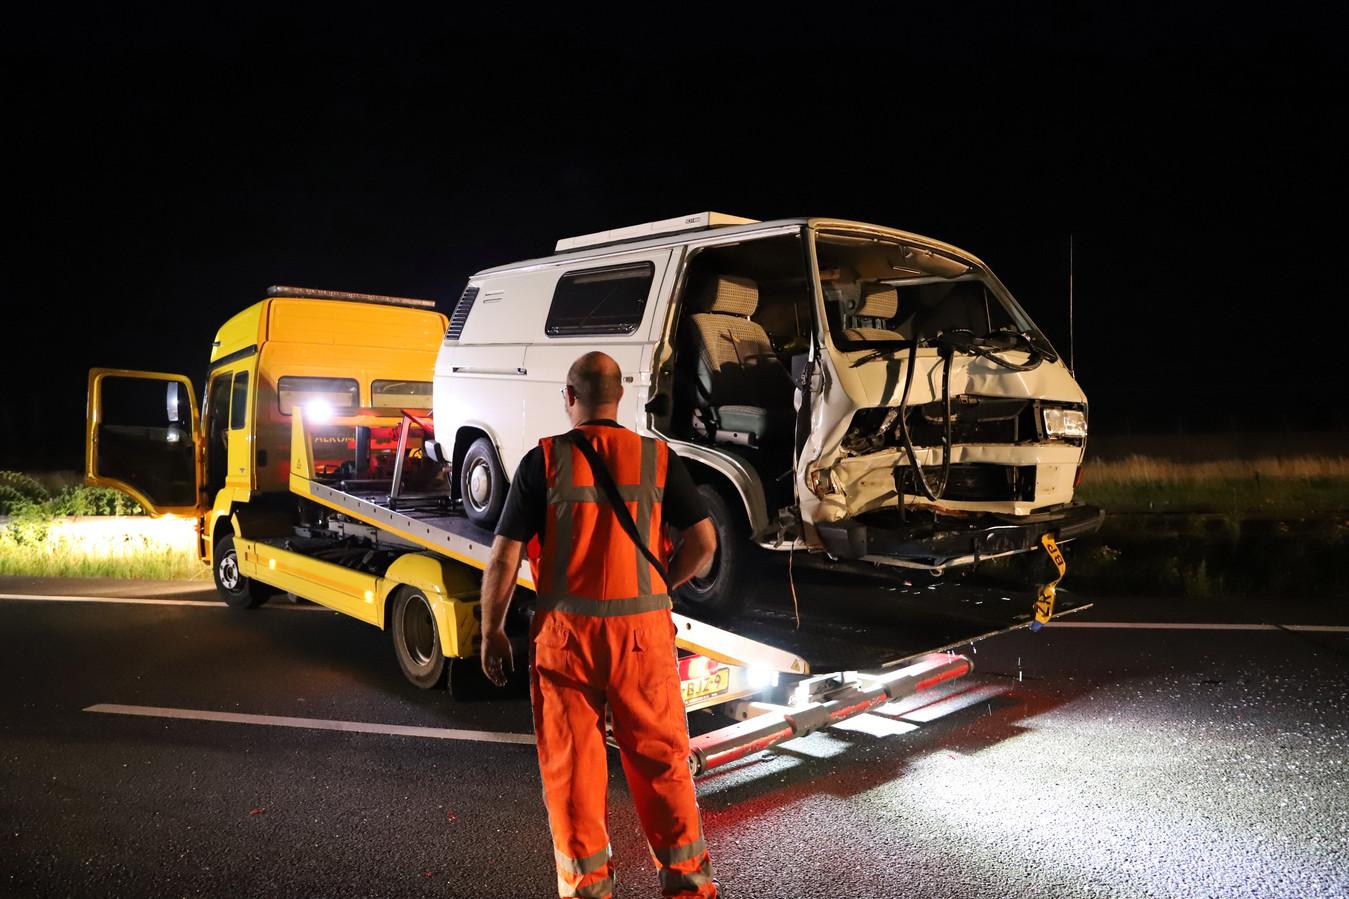 Flinke schade bij ongeluk met drie voertuigen op A15 bij Tiel